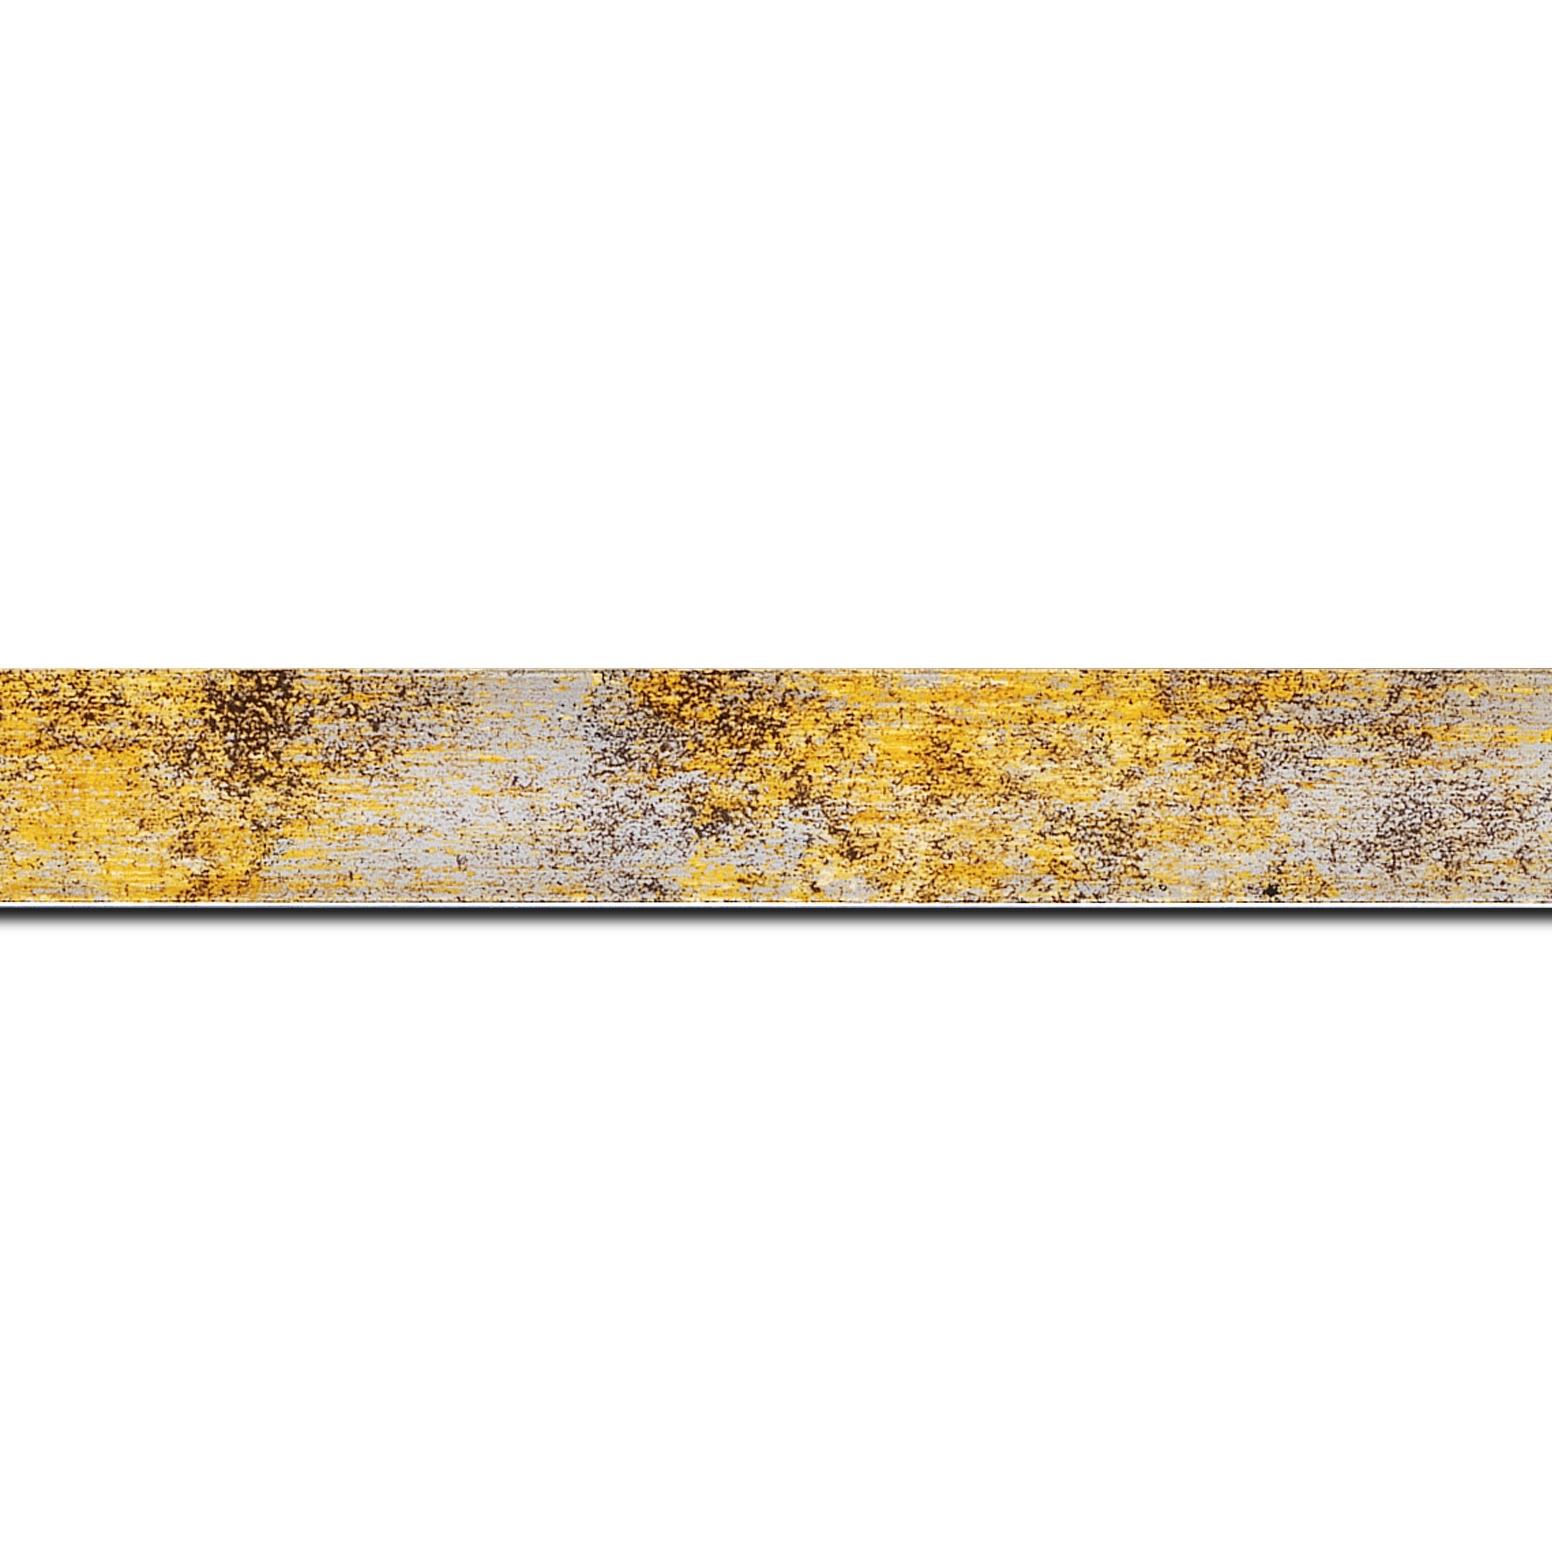 Pack par 12m, bois profil concave largeur 2.4cm de couleur jaune moucheté fond argent (longueur baguette pouvant varier entre 2.40m et 3m selon arrivage des bois)